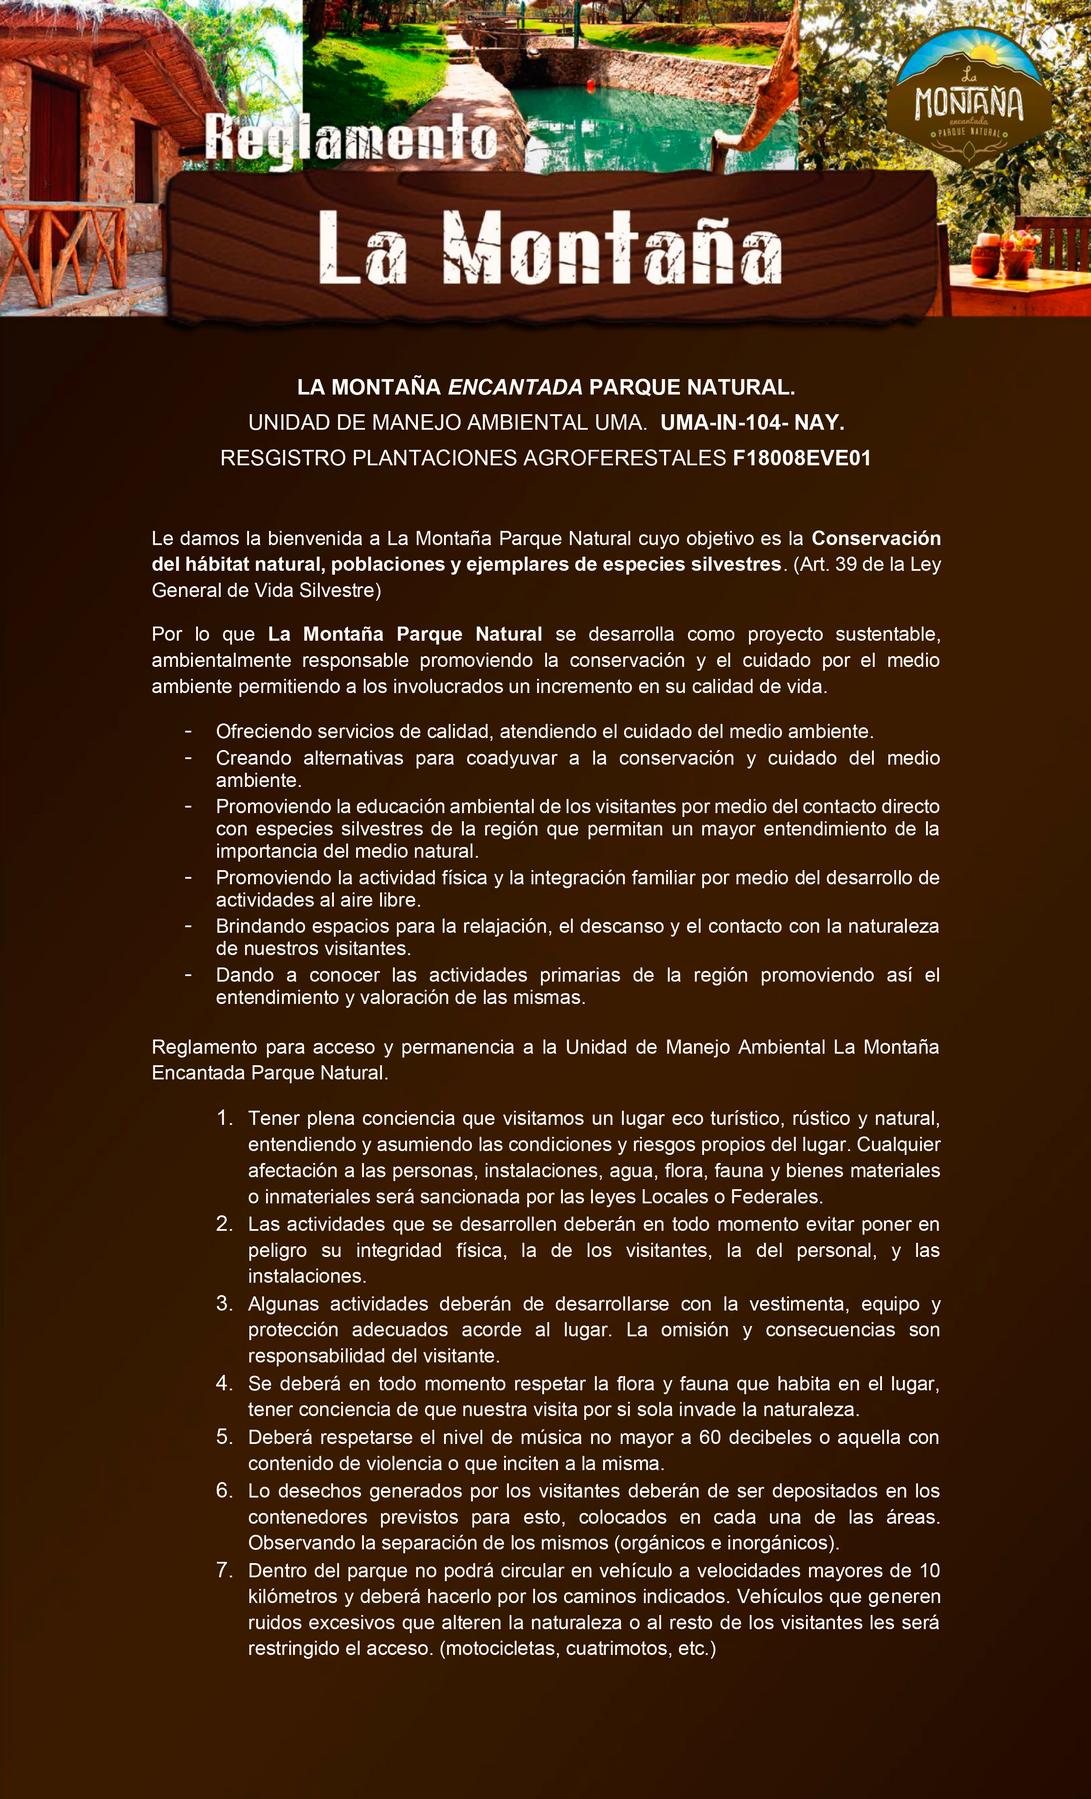 LA MONTAÑA Reglamento 1.png